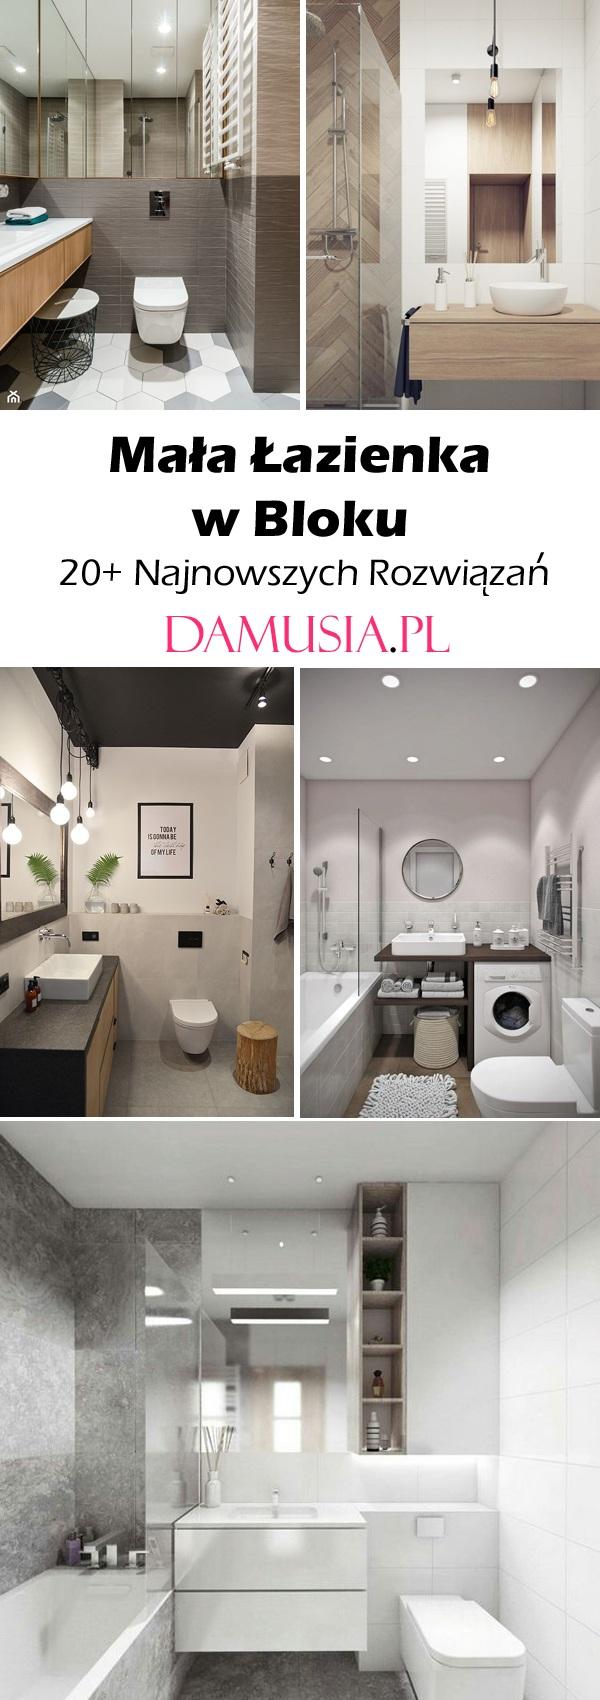 Mała łazienka W Bloku Top 20 Ciekawych Aranżacji I